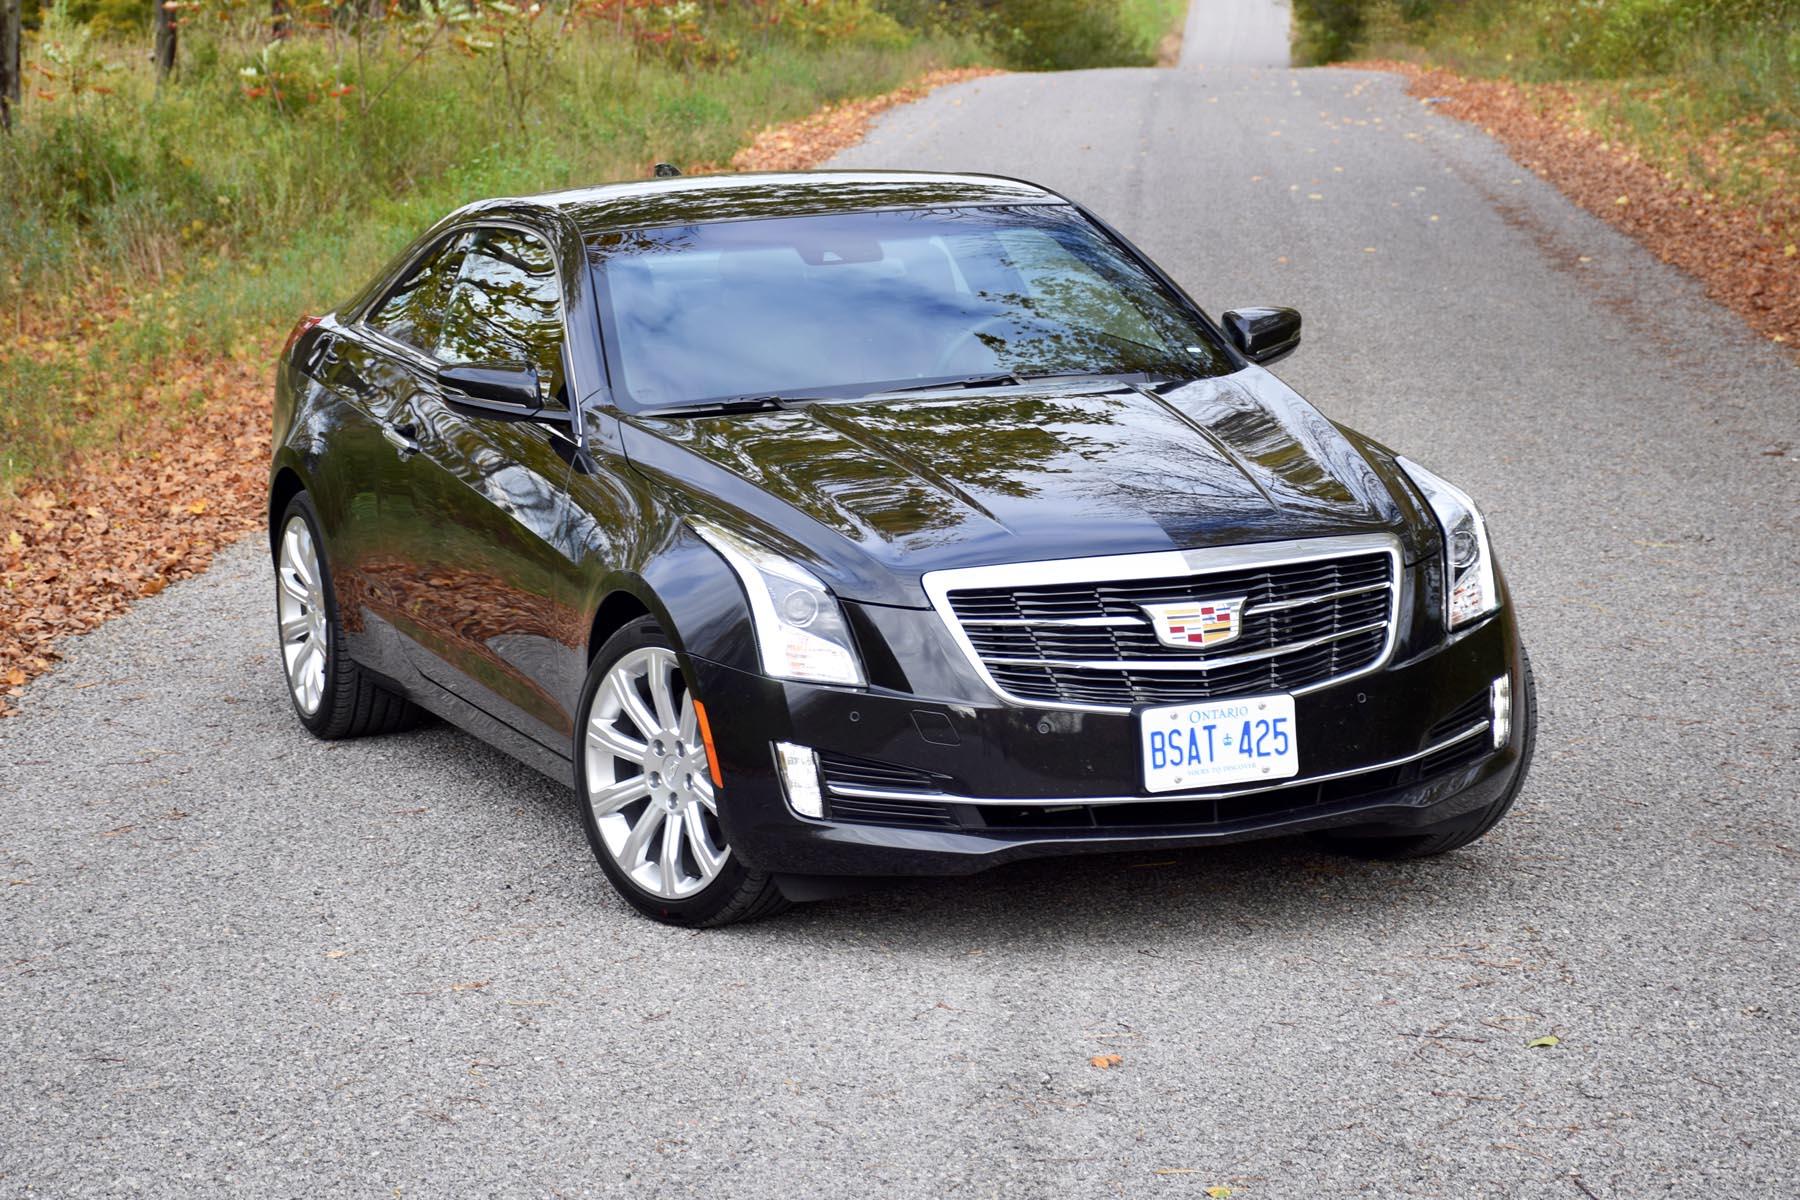 2015-Cadillac-ATS-20T-Performance-AWD-Coupe-JP-01 - Autos.ca